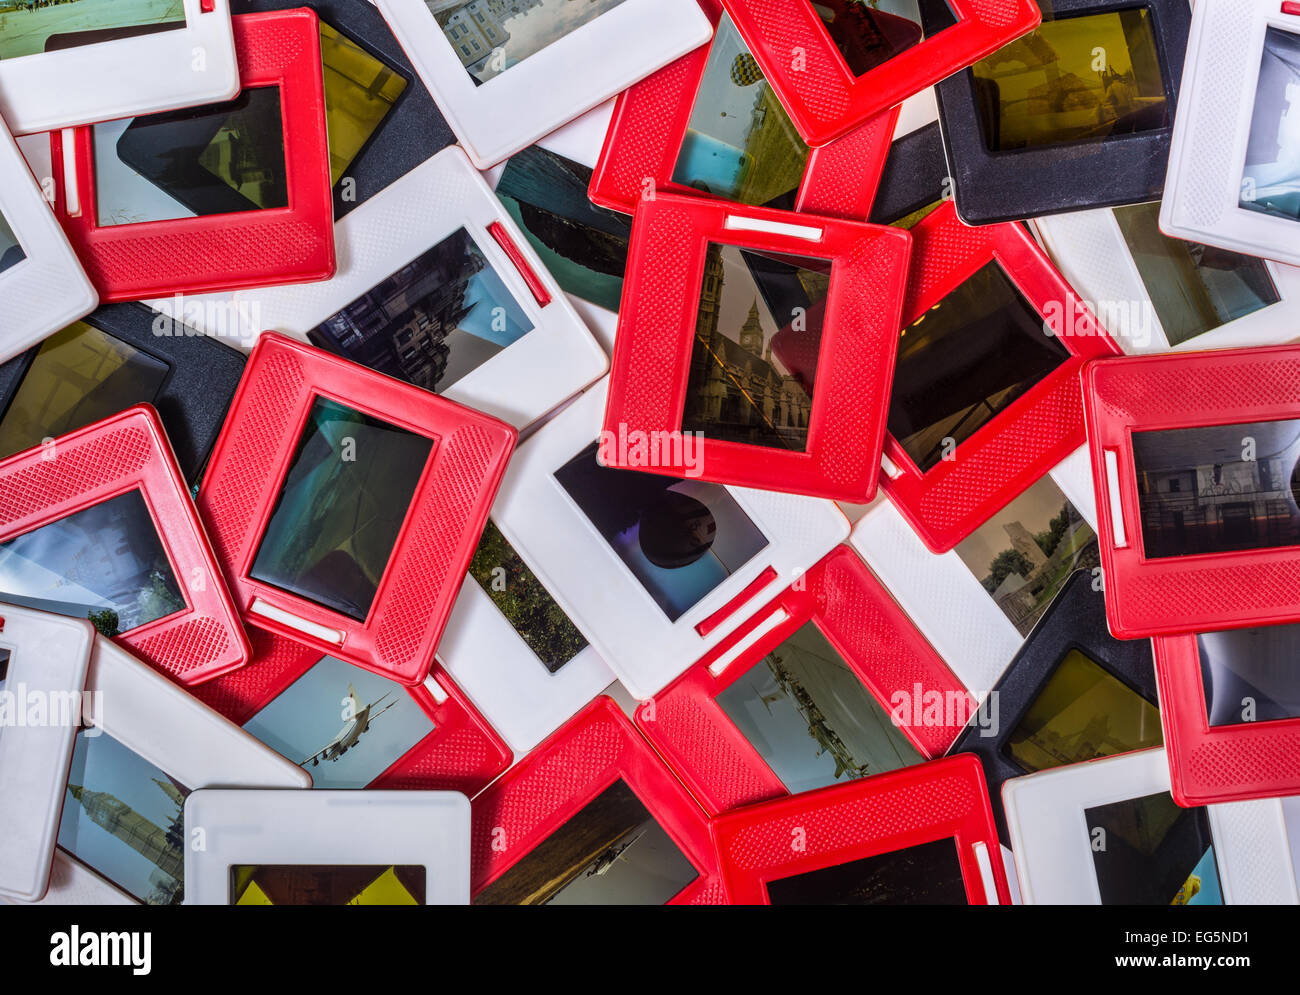 Reihe von Erinnerungen - alte Dias, 35mm Dias Haufen Stockbild